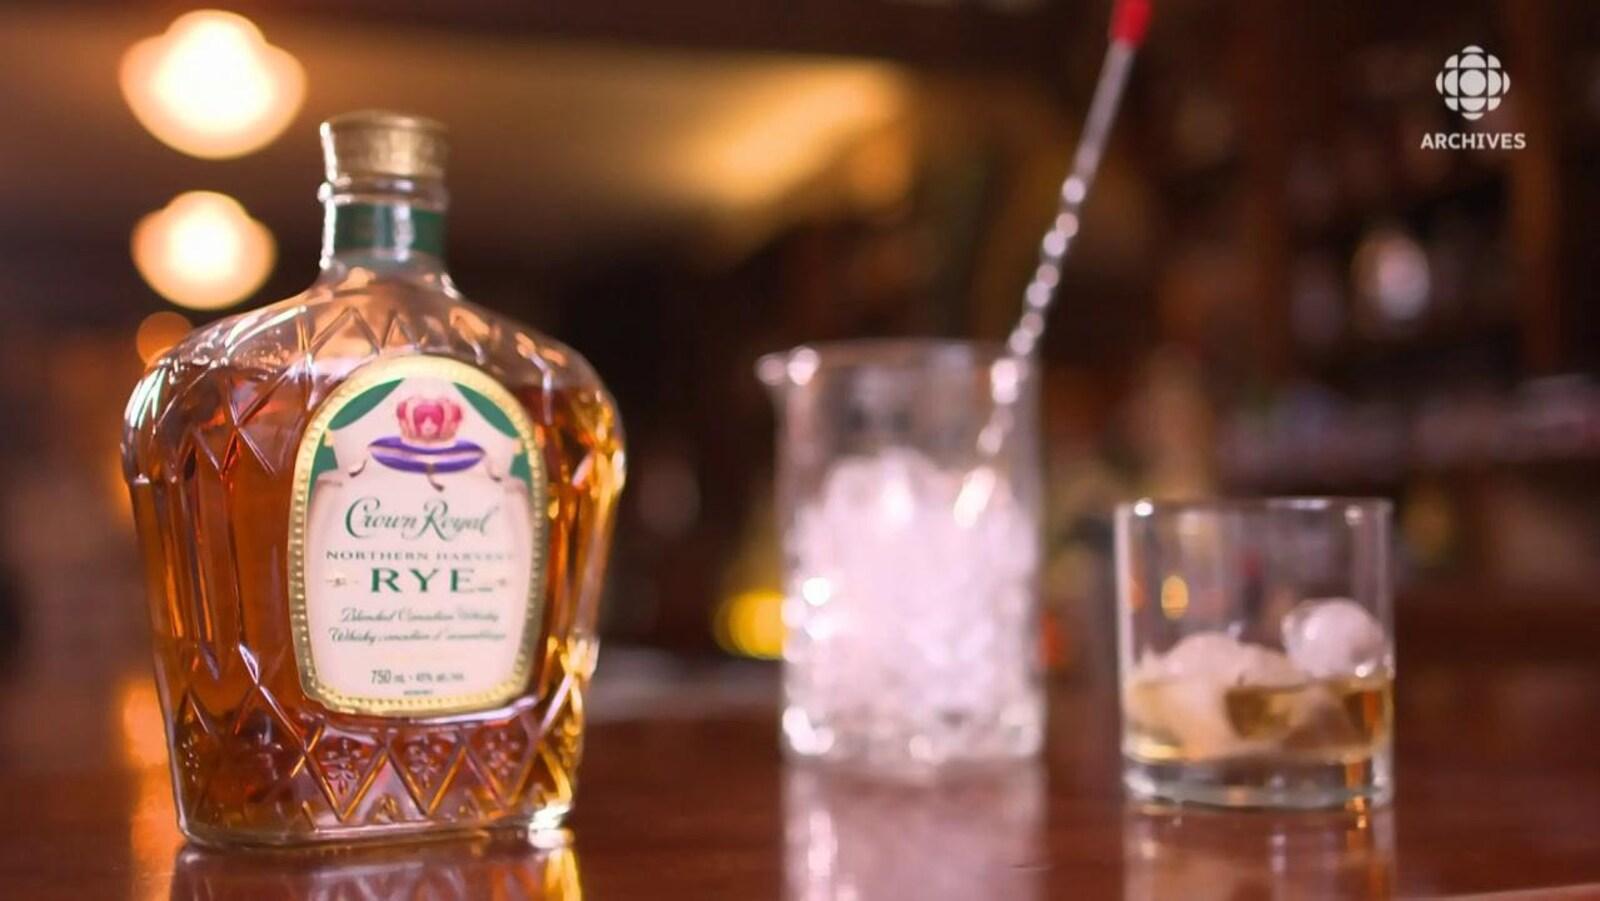 Bouteille de whisky canadien Crown Royal avec un verre et un seau de glace.